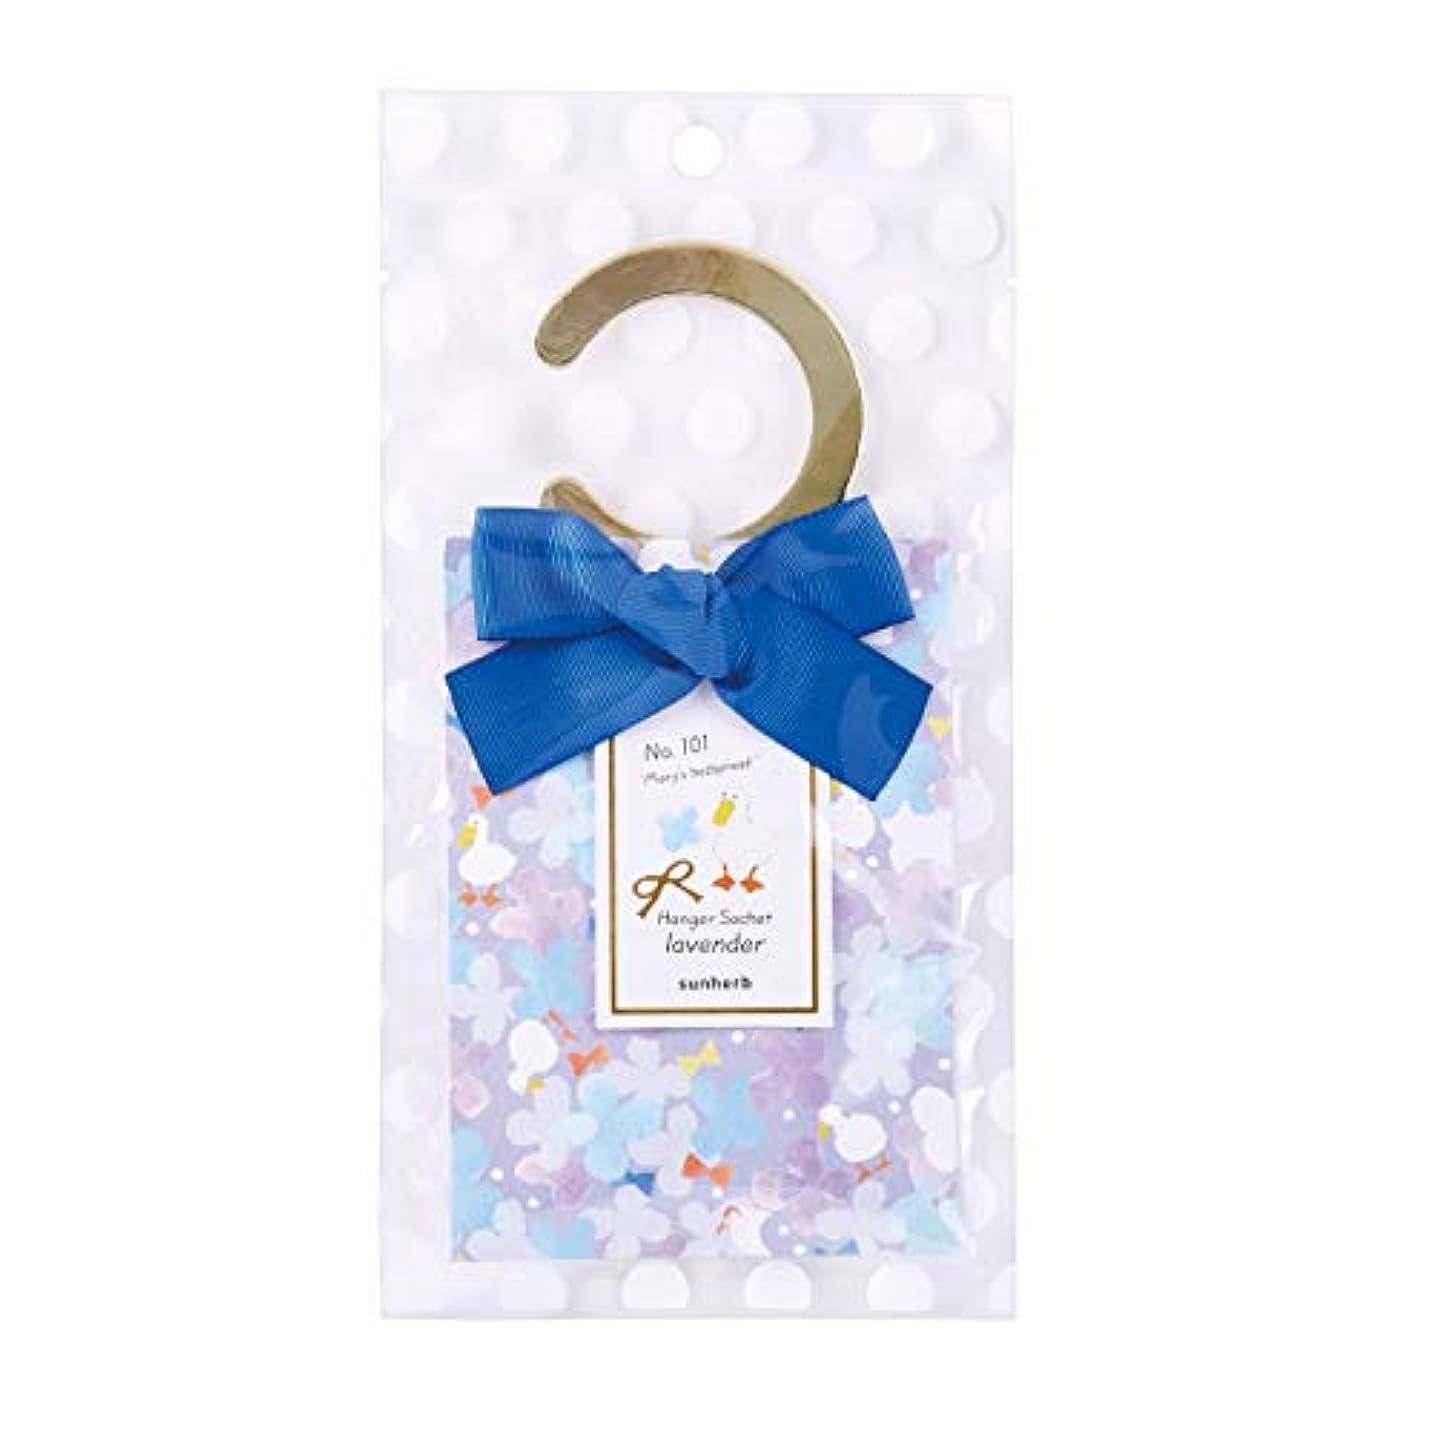 ラバ依存特権サンハーブ ハンガーサシェ ラベンダーの香り (吊り下げ芳香剤 アヒルが描かれたラベンダー色のデザイン)